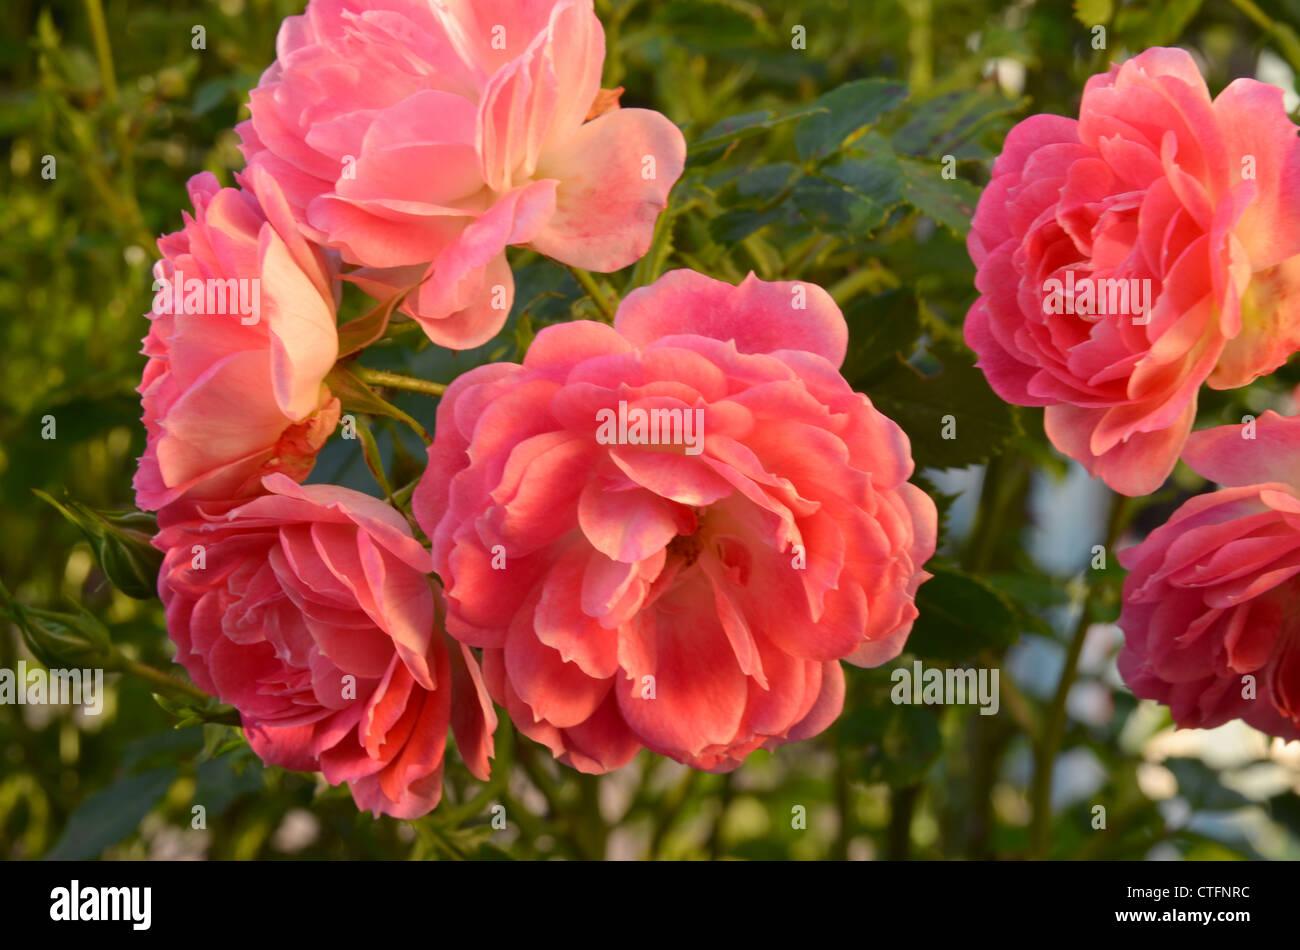 Rosa weekend in paris number 3170 - Stock Image